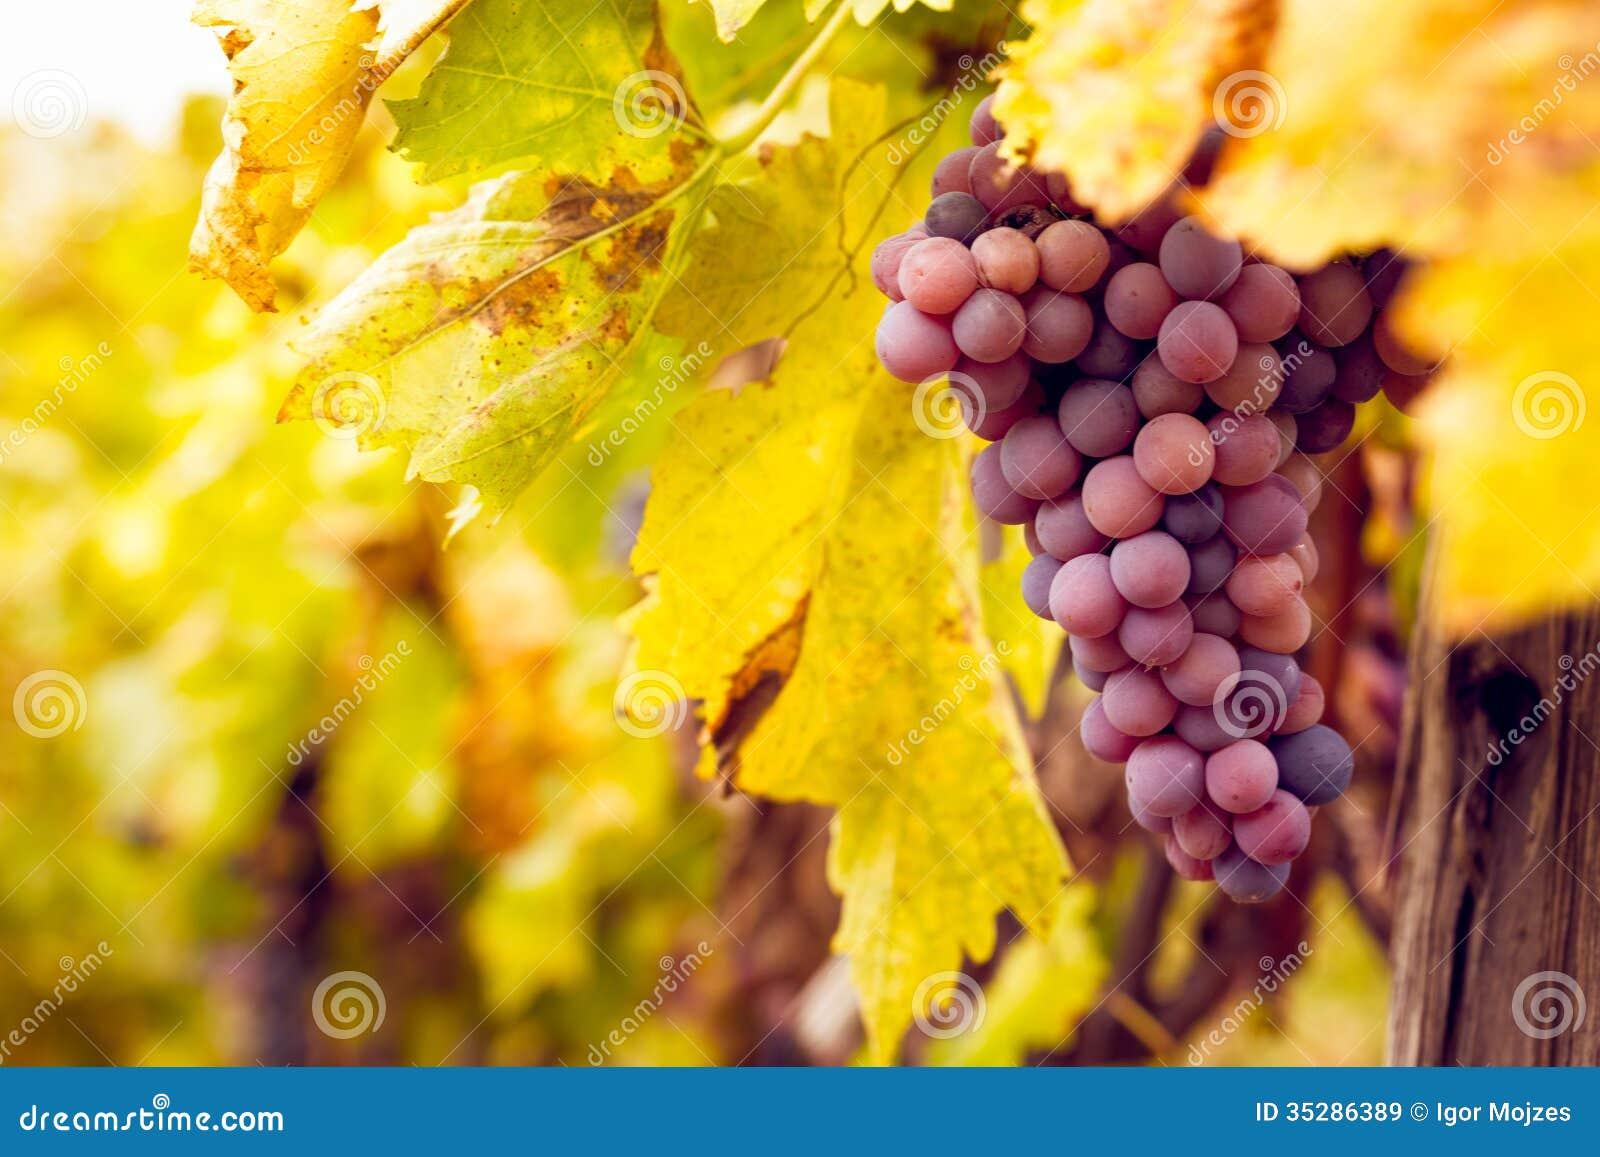 Manojo de uvas de vino rojo